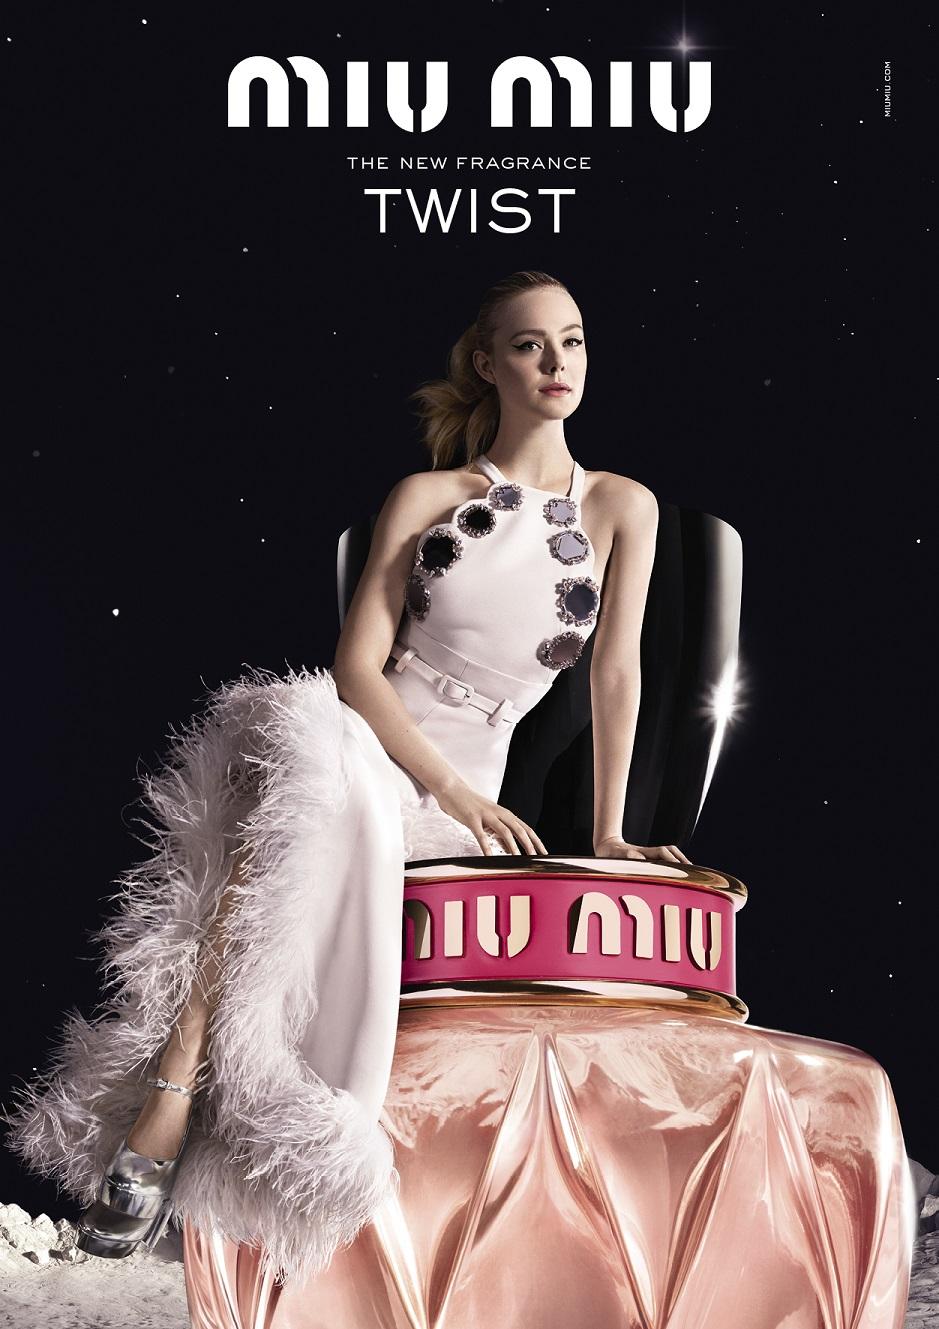 Miu Miu Twist ad with Elle Fanning